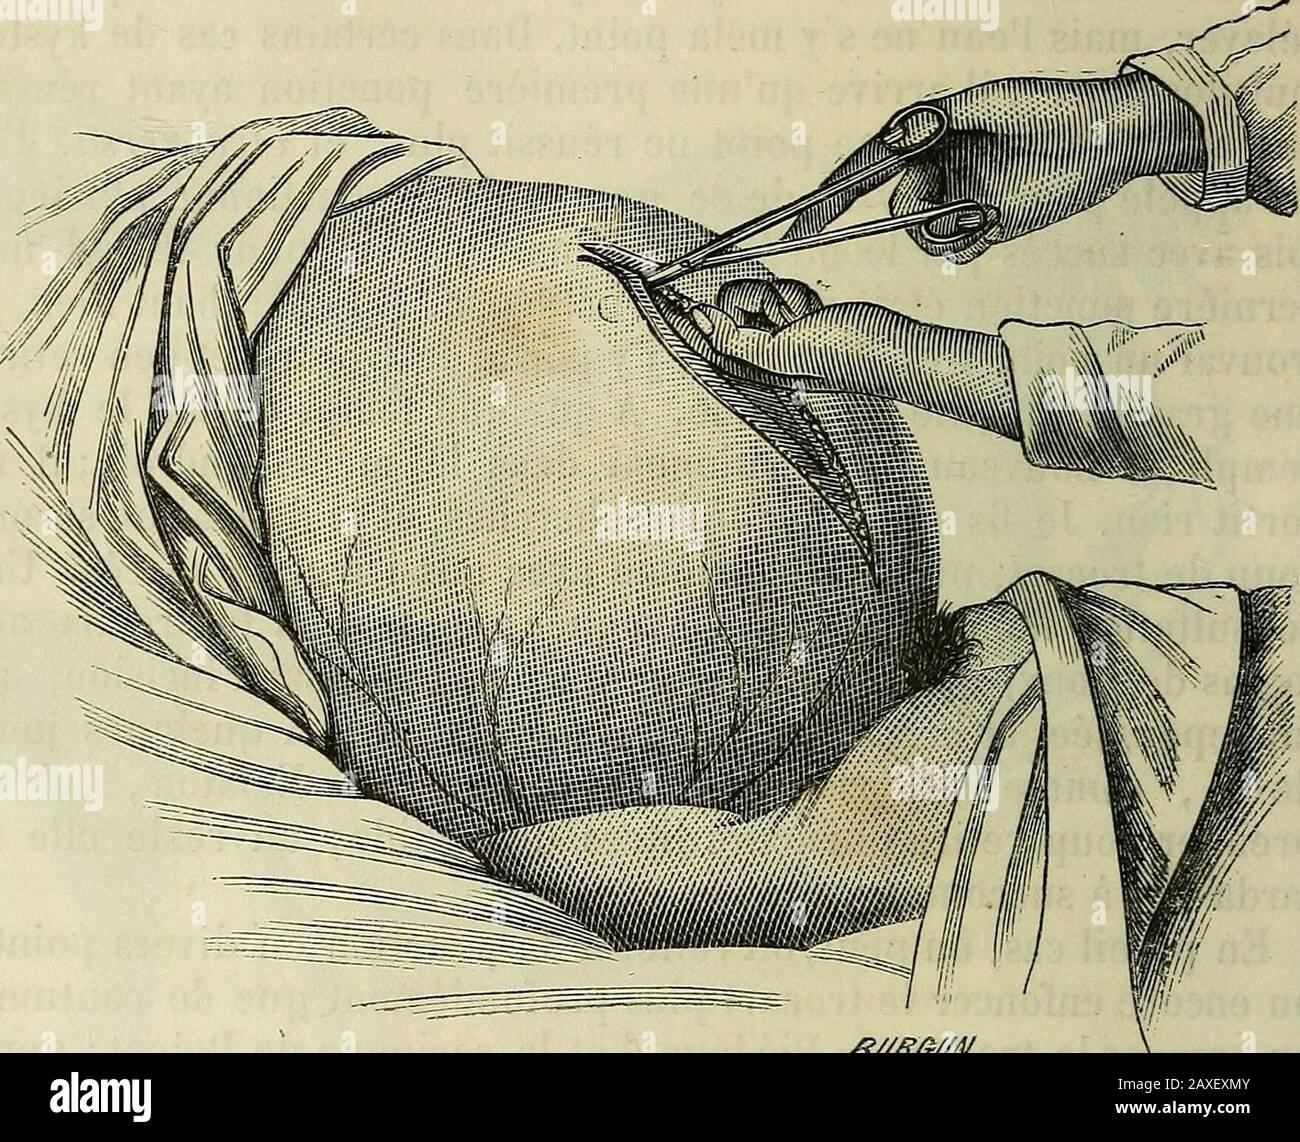 Manuel de médecine opératoire . tant un tra-vail dinflammation adhésive ou refurtive, par les injection;2° en les faisant suppurer ; 3 en enlevant le kyste lui-même. Première métJiode. Iniezioni. Boinet est le Premier quiait tenté la cure des kystes ovariques par les injection iodées ; etelles sont restées longtemps adoptées. Le procédé est très-simple.On fait la ponction à lordinaire, on évacue tout le liquide; et parla canule on injectte immédiatement de 100 à 200 grams de 34-2 OPÉRAZIONI SPÉCIALES. Teinture diodurméée langée deau dans devses impressions.Lainjection laissée à Foto Stock